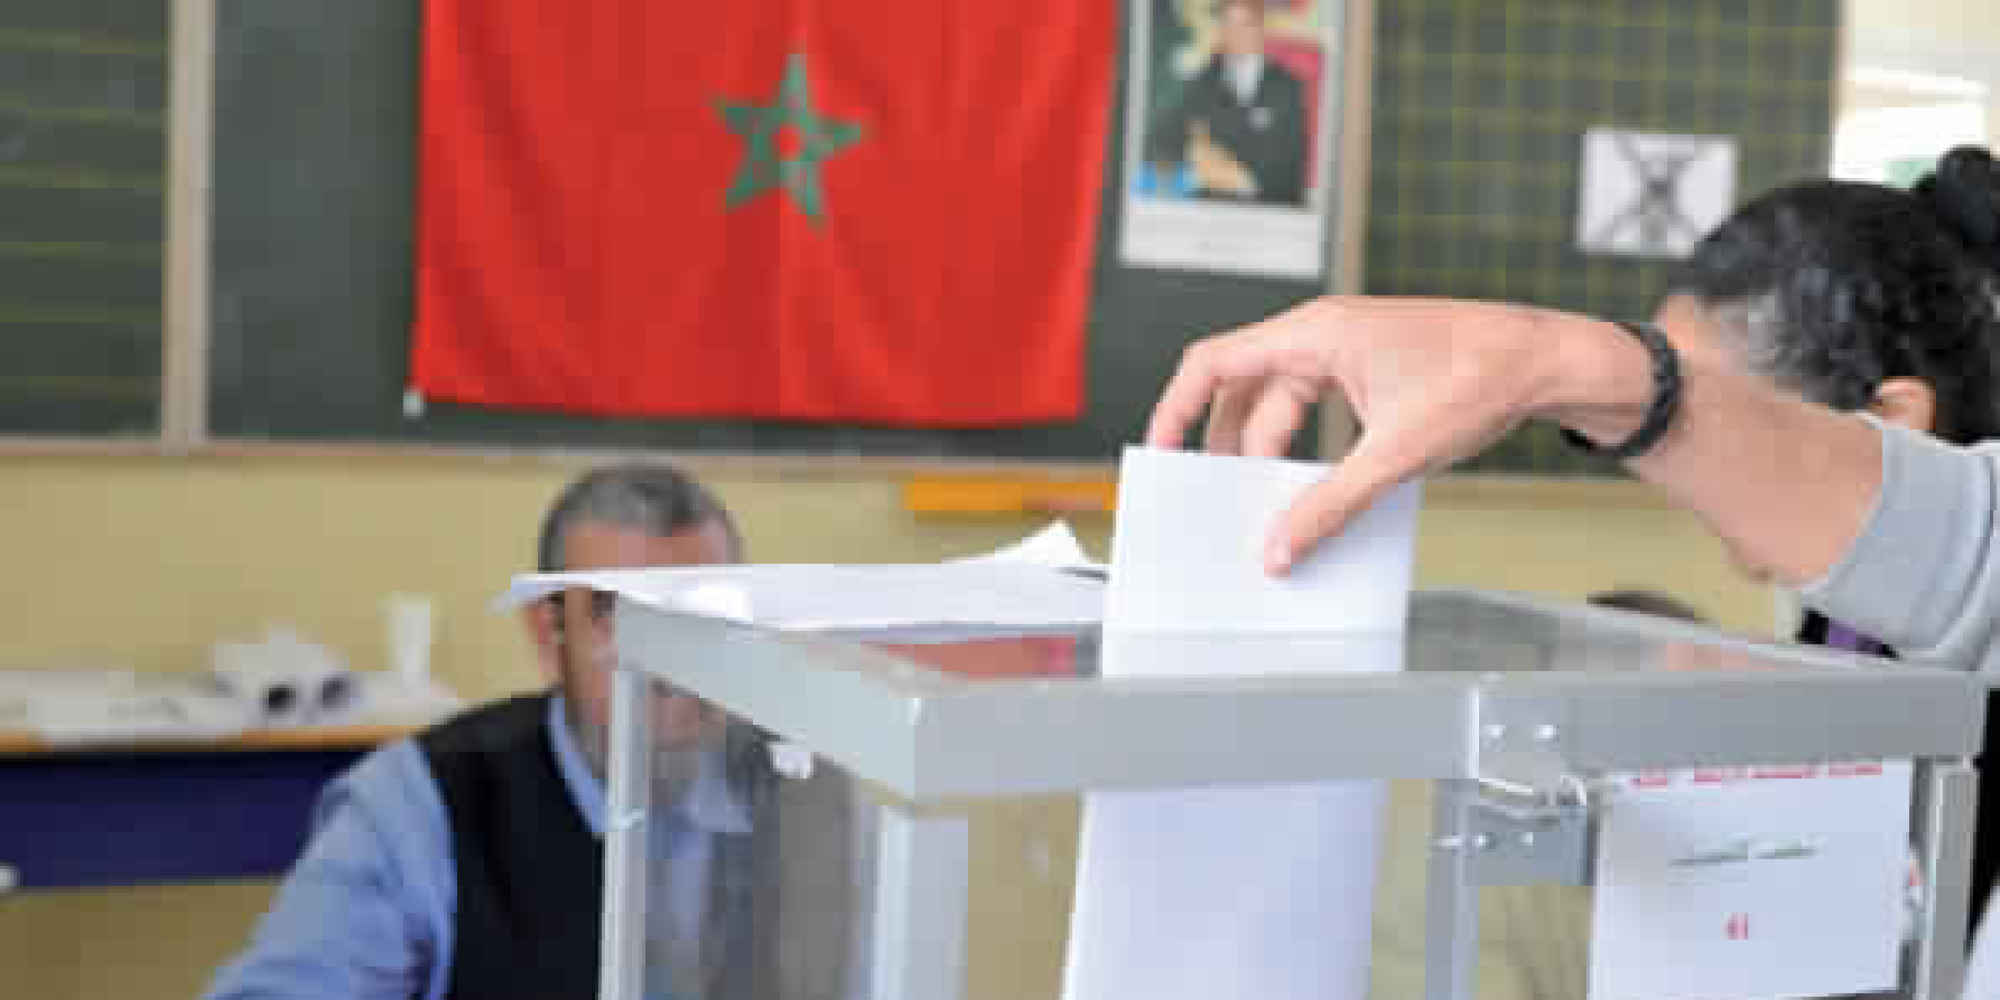 بــــلاغ هام من وزير الداخلية حول التصريحات بالترشيح المودعة برسم اقتراع يوم 7 أكتوبر+ لائحة ترشيحات الاحزاب